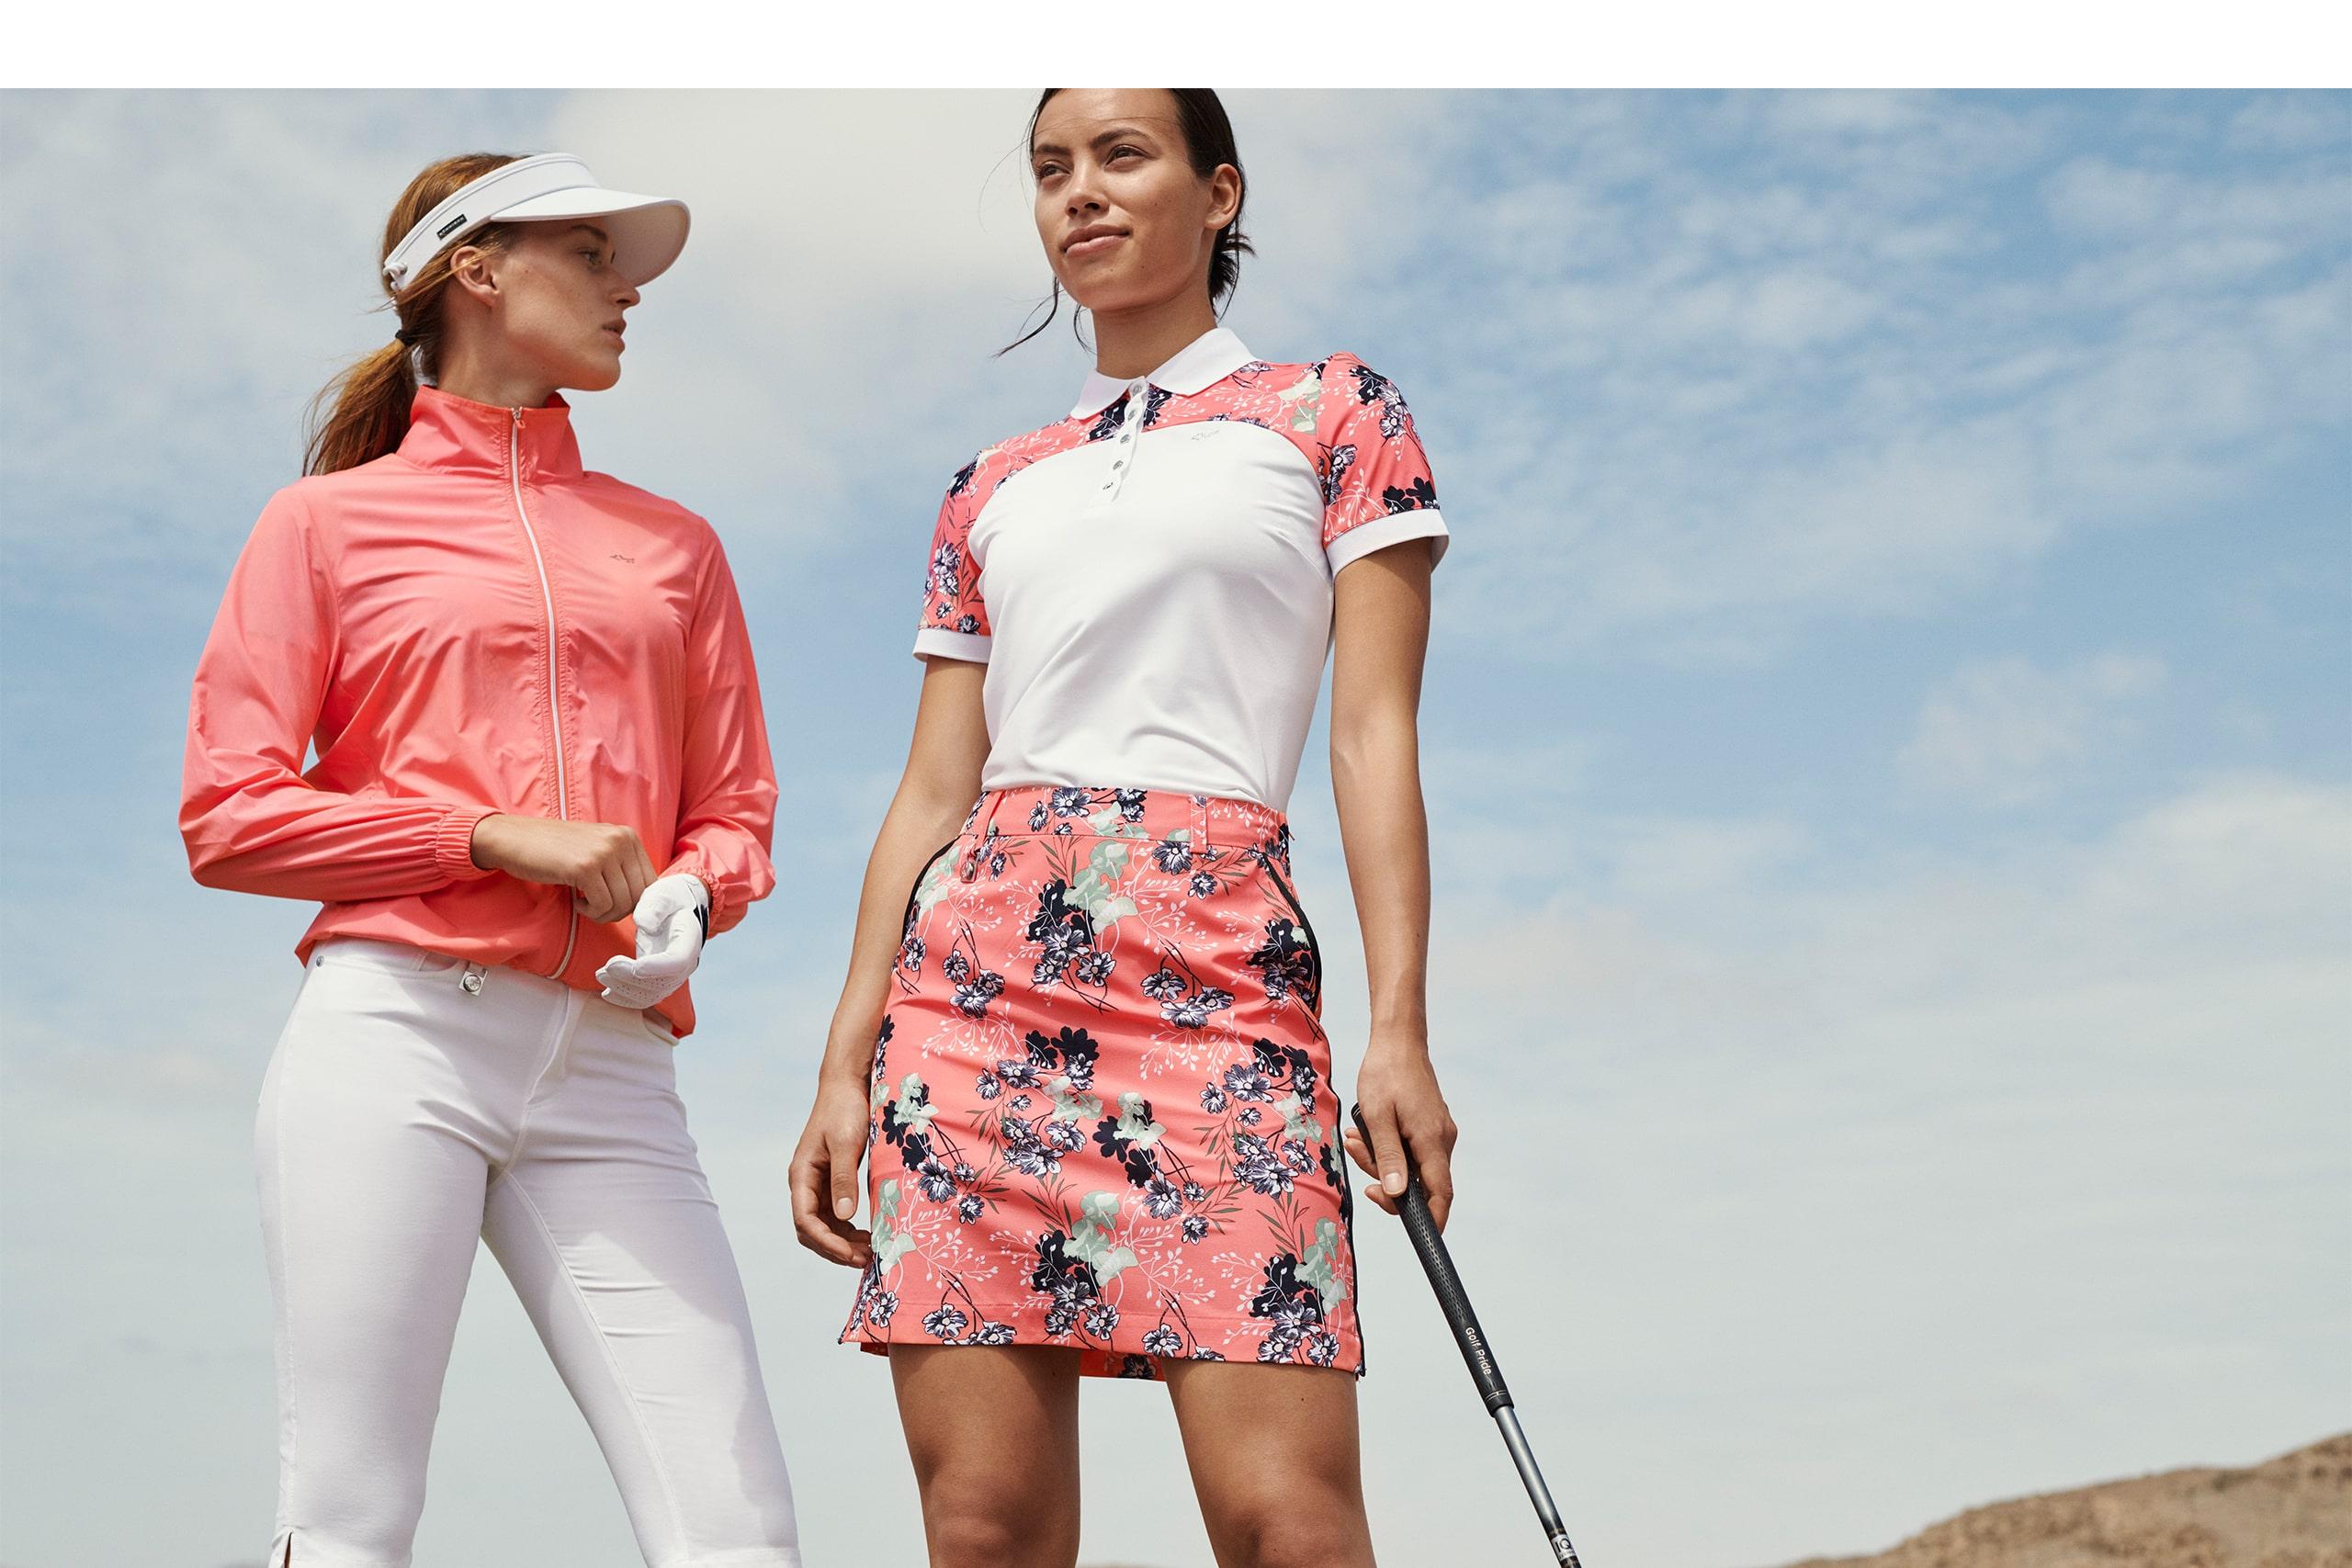 Rohnisch Ladies Golf Summer Outfits Skorts Polo Shirts